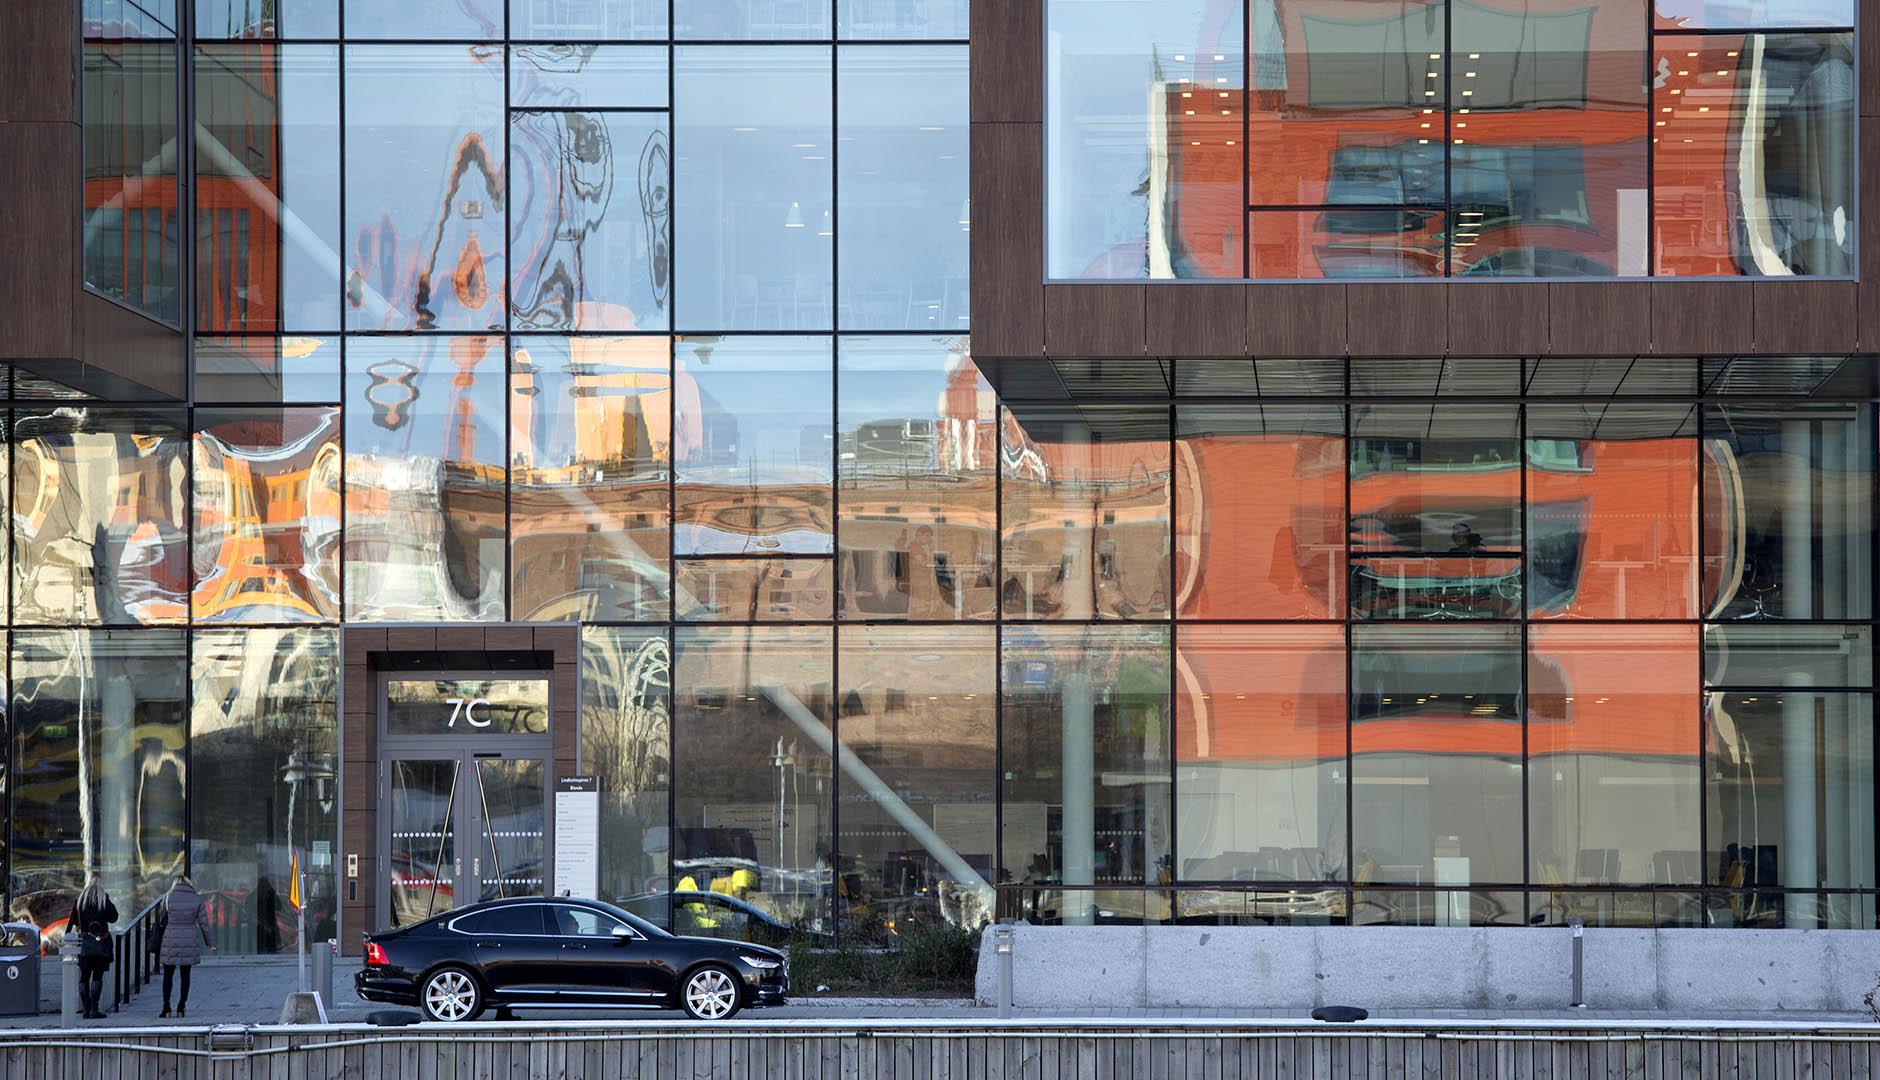 Hus speglar sig i glasfasaden ute på Lindholmen med bil i förgrunden